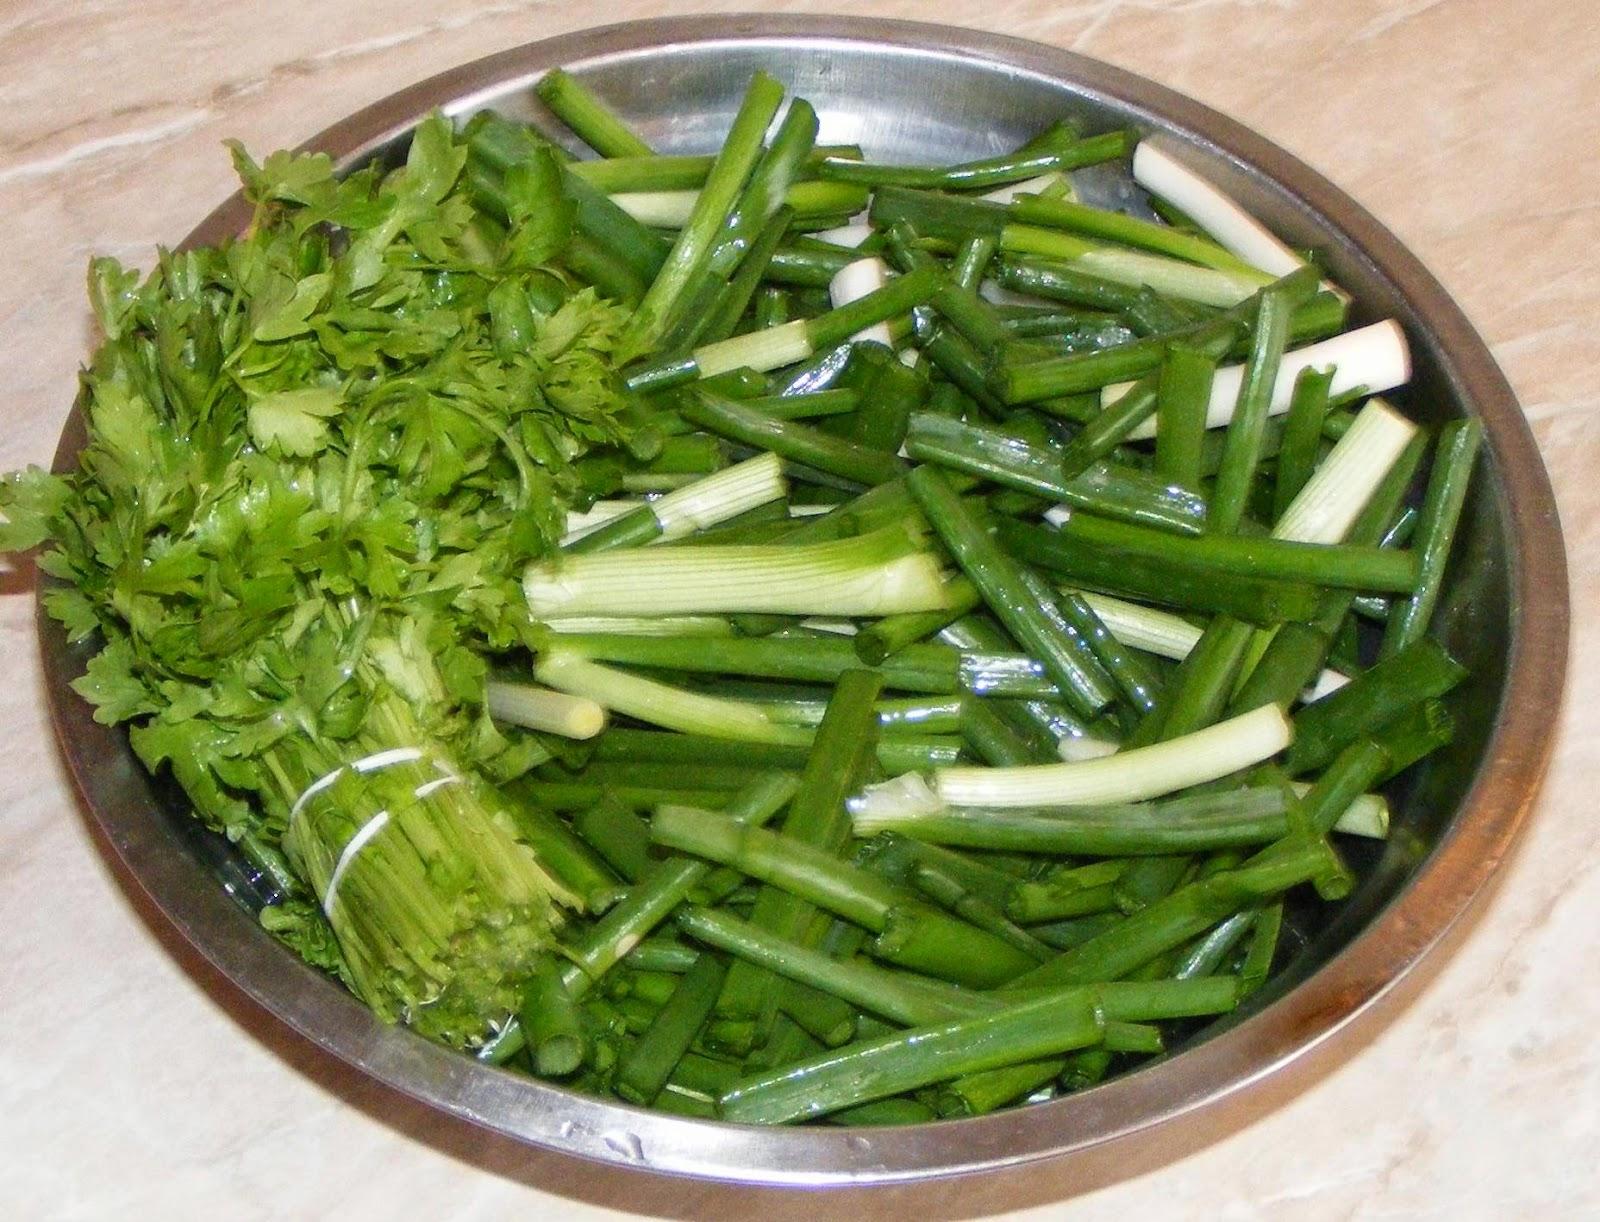 ceapa verde, usturoi verde, patrunjel verde, verdeata pentru stufat, retete cu ceapa verde, retete cu usturoi verde, cum se prepara stufatul, cum se face stufat, retete si preparate culinare,